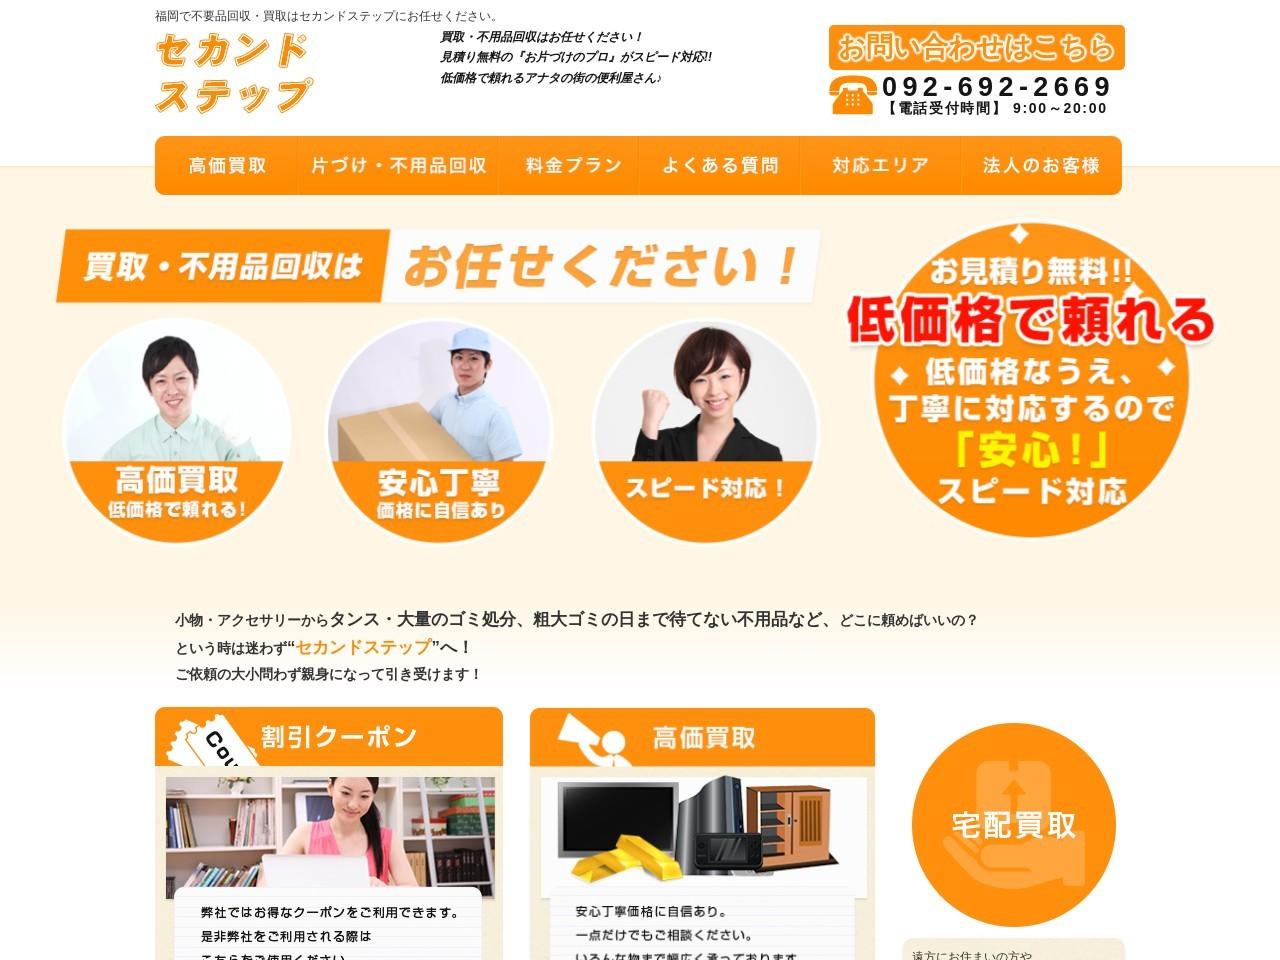 福岡で不要品回収・買取はセカンドステップ。